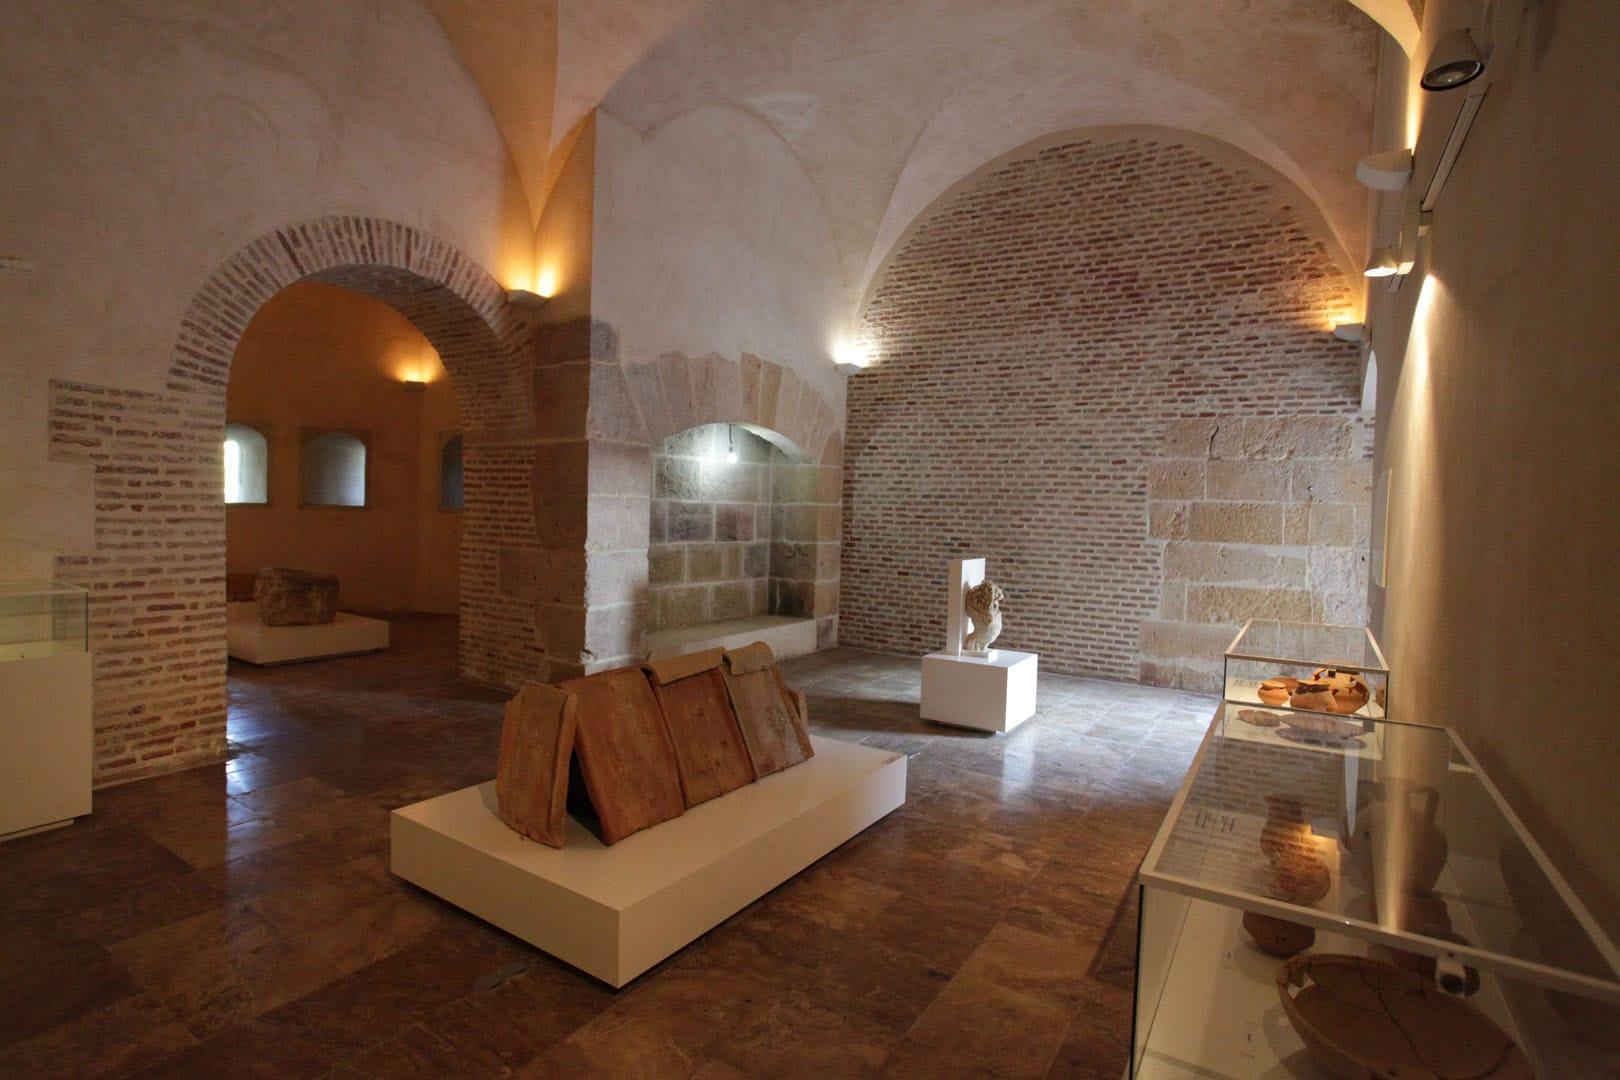 22-MANILVA-CASTILLO-Y-MUSEO1.jpg